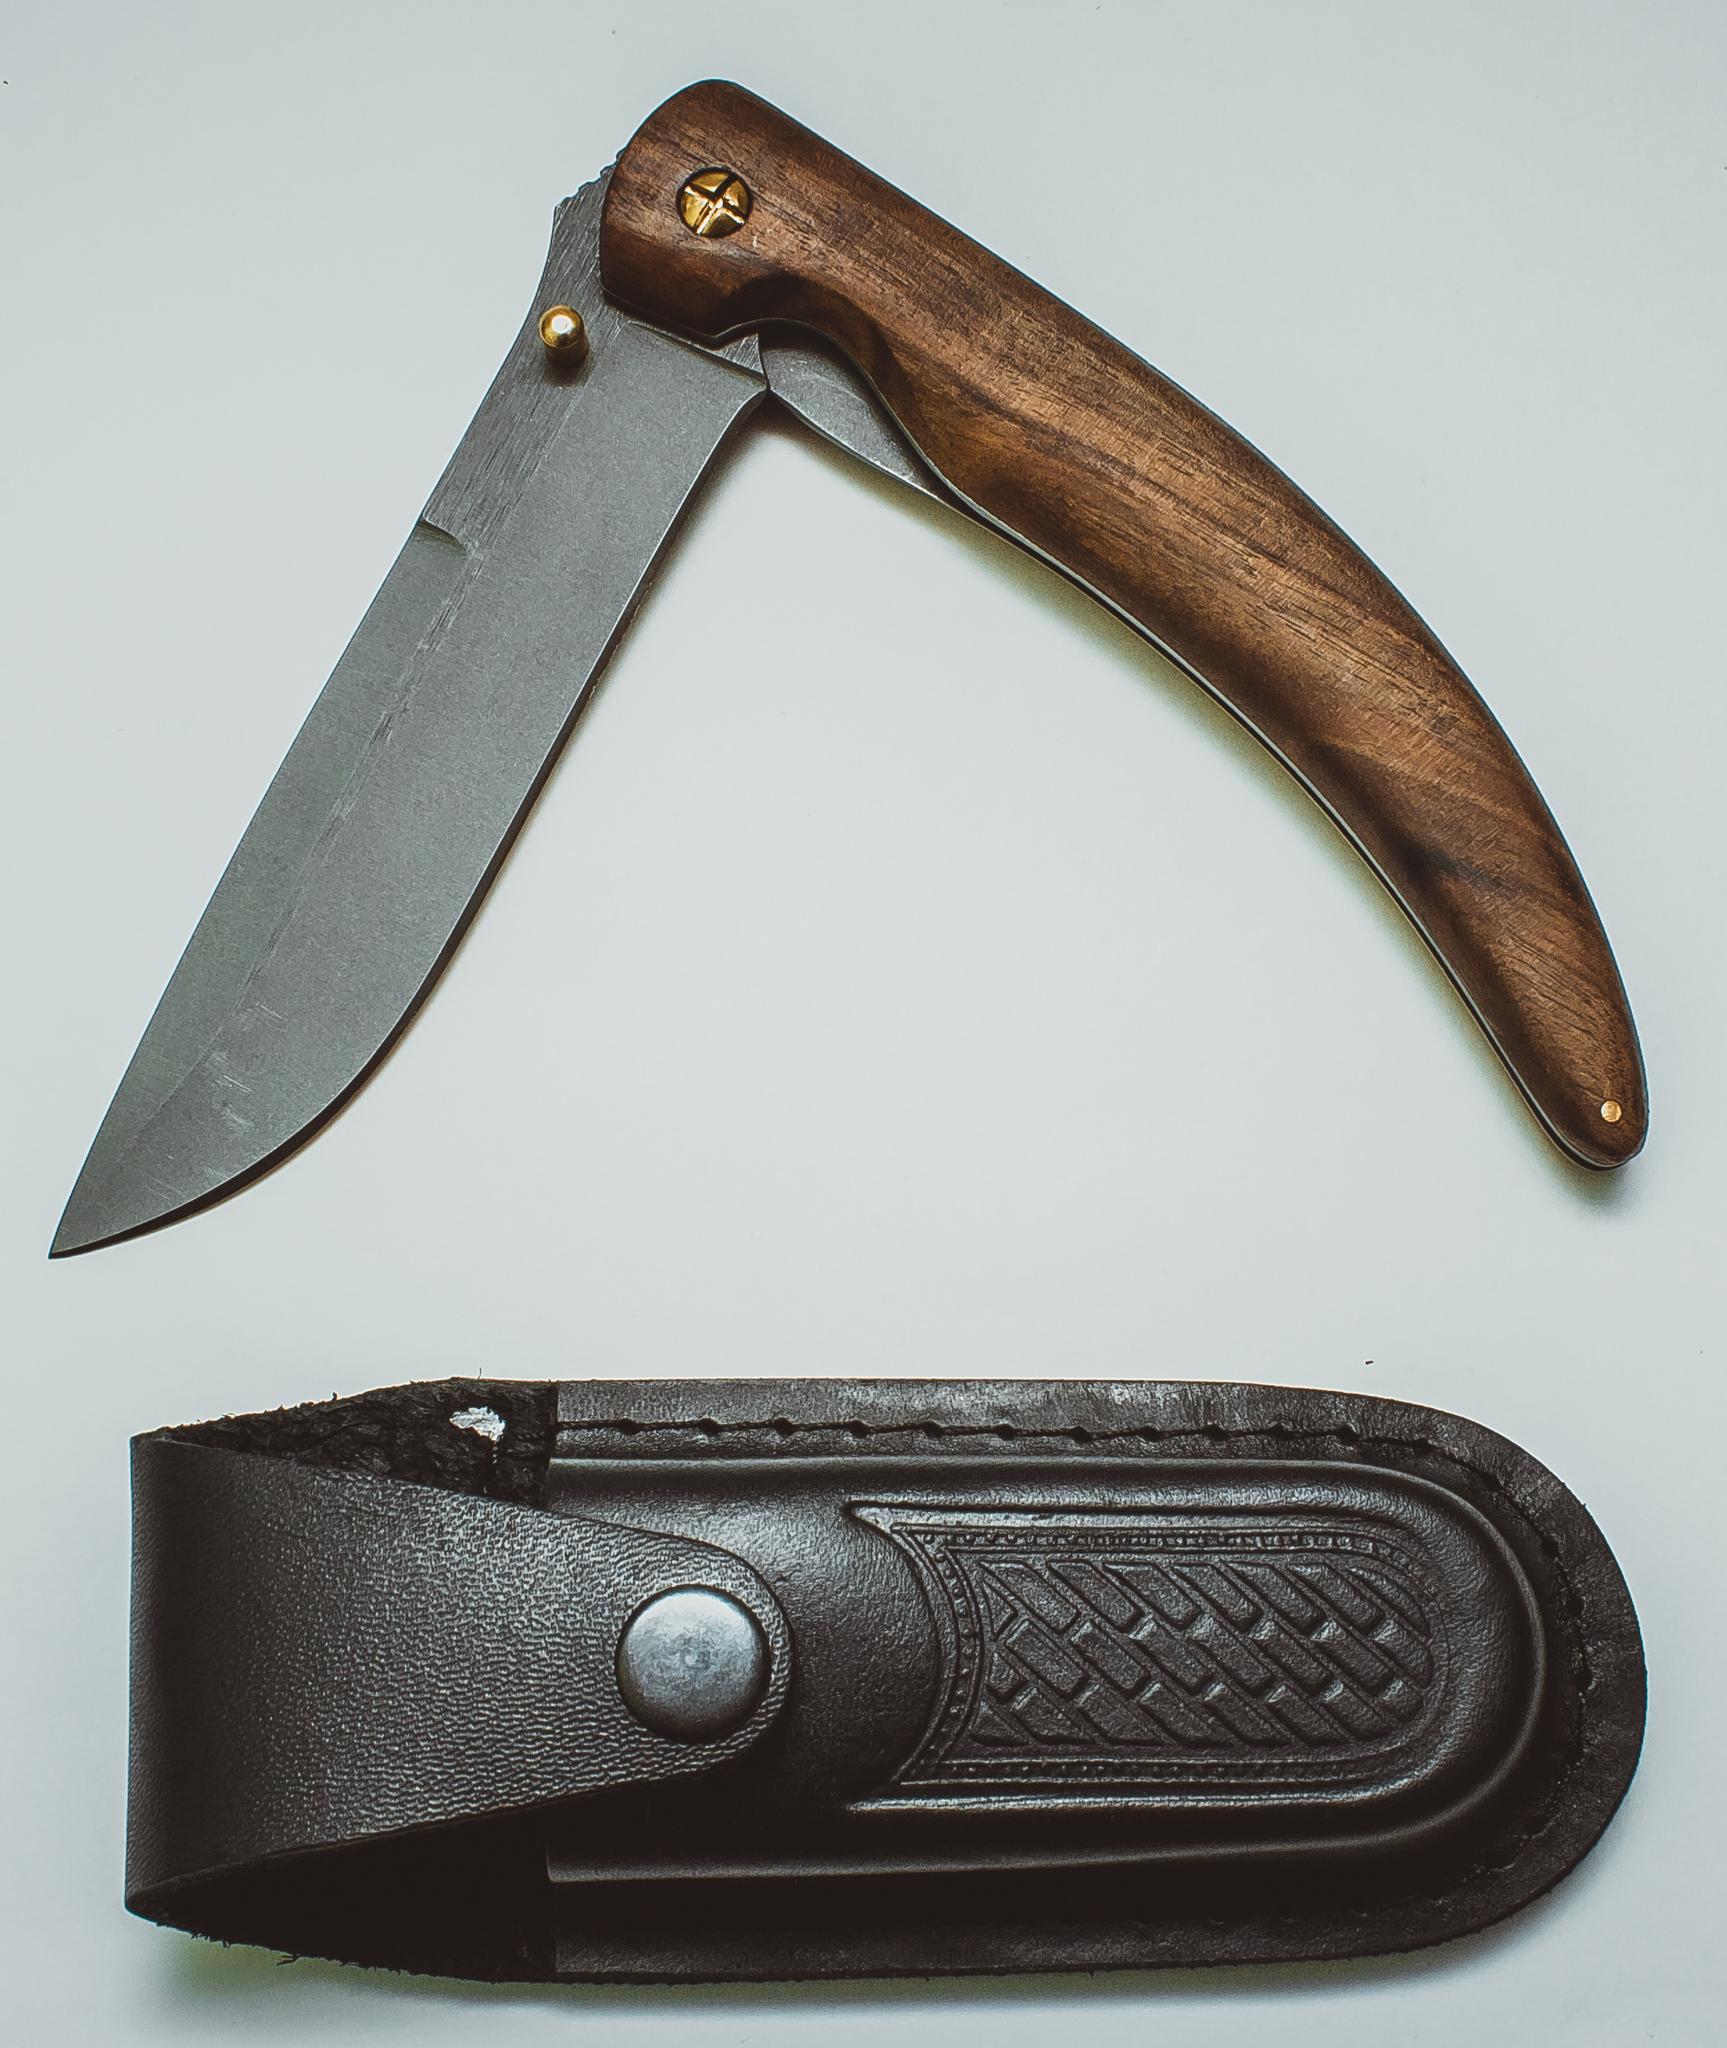 Фото 2 - Складной нож Нарвал, сталь 95х18, орех от Марычев